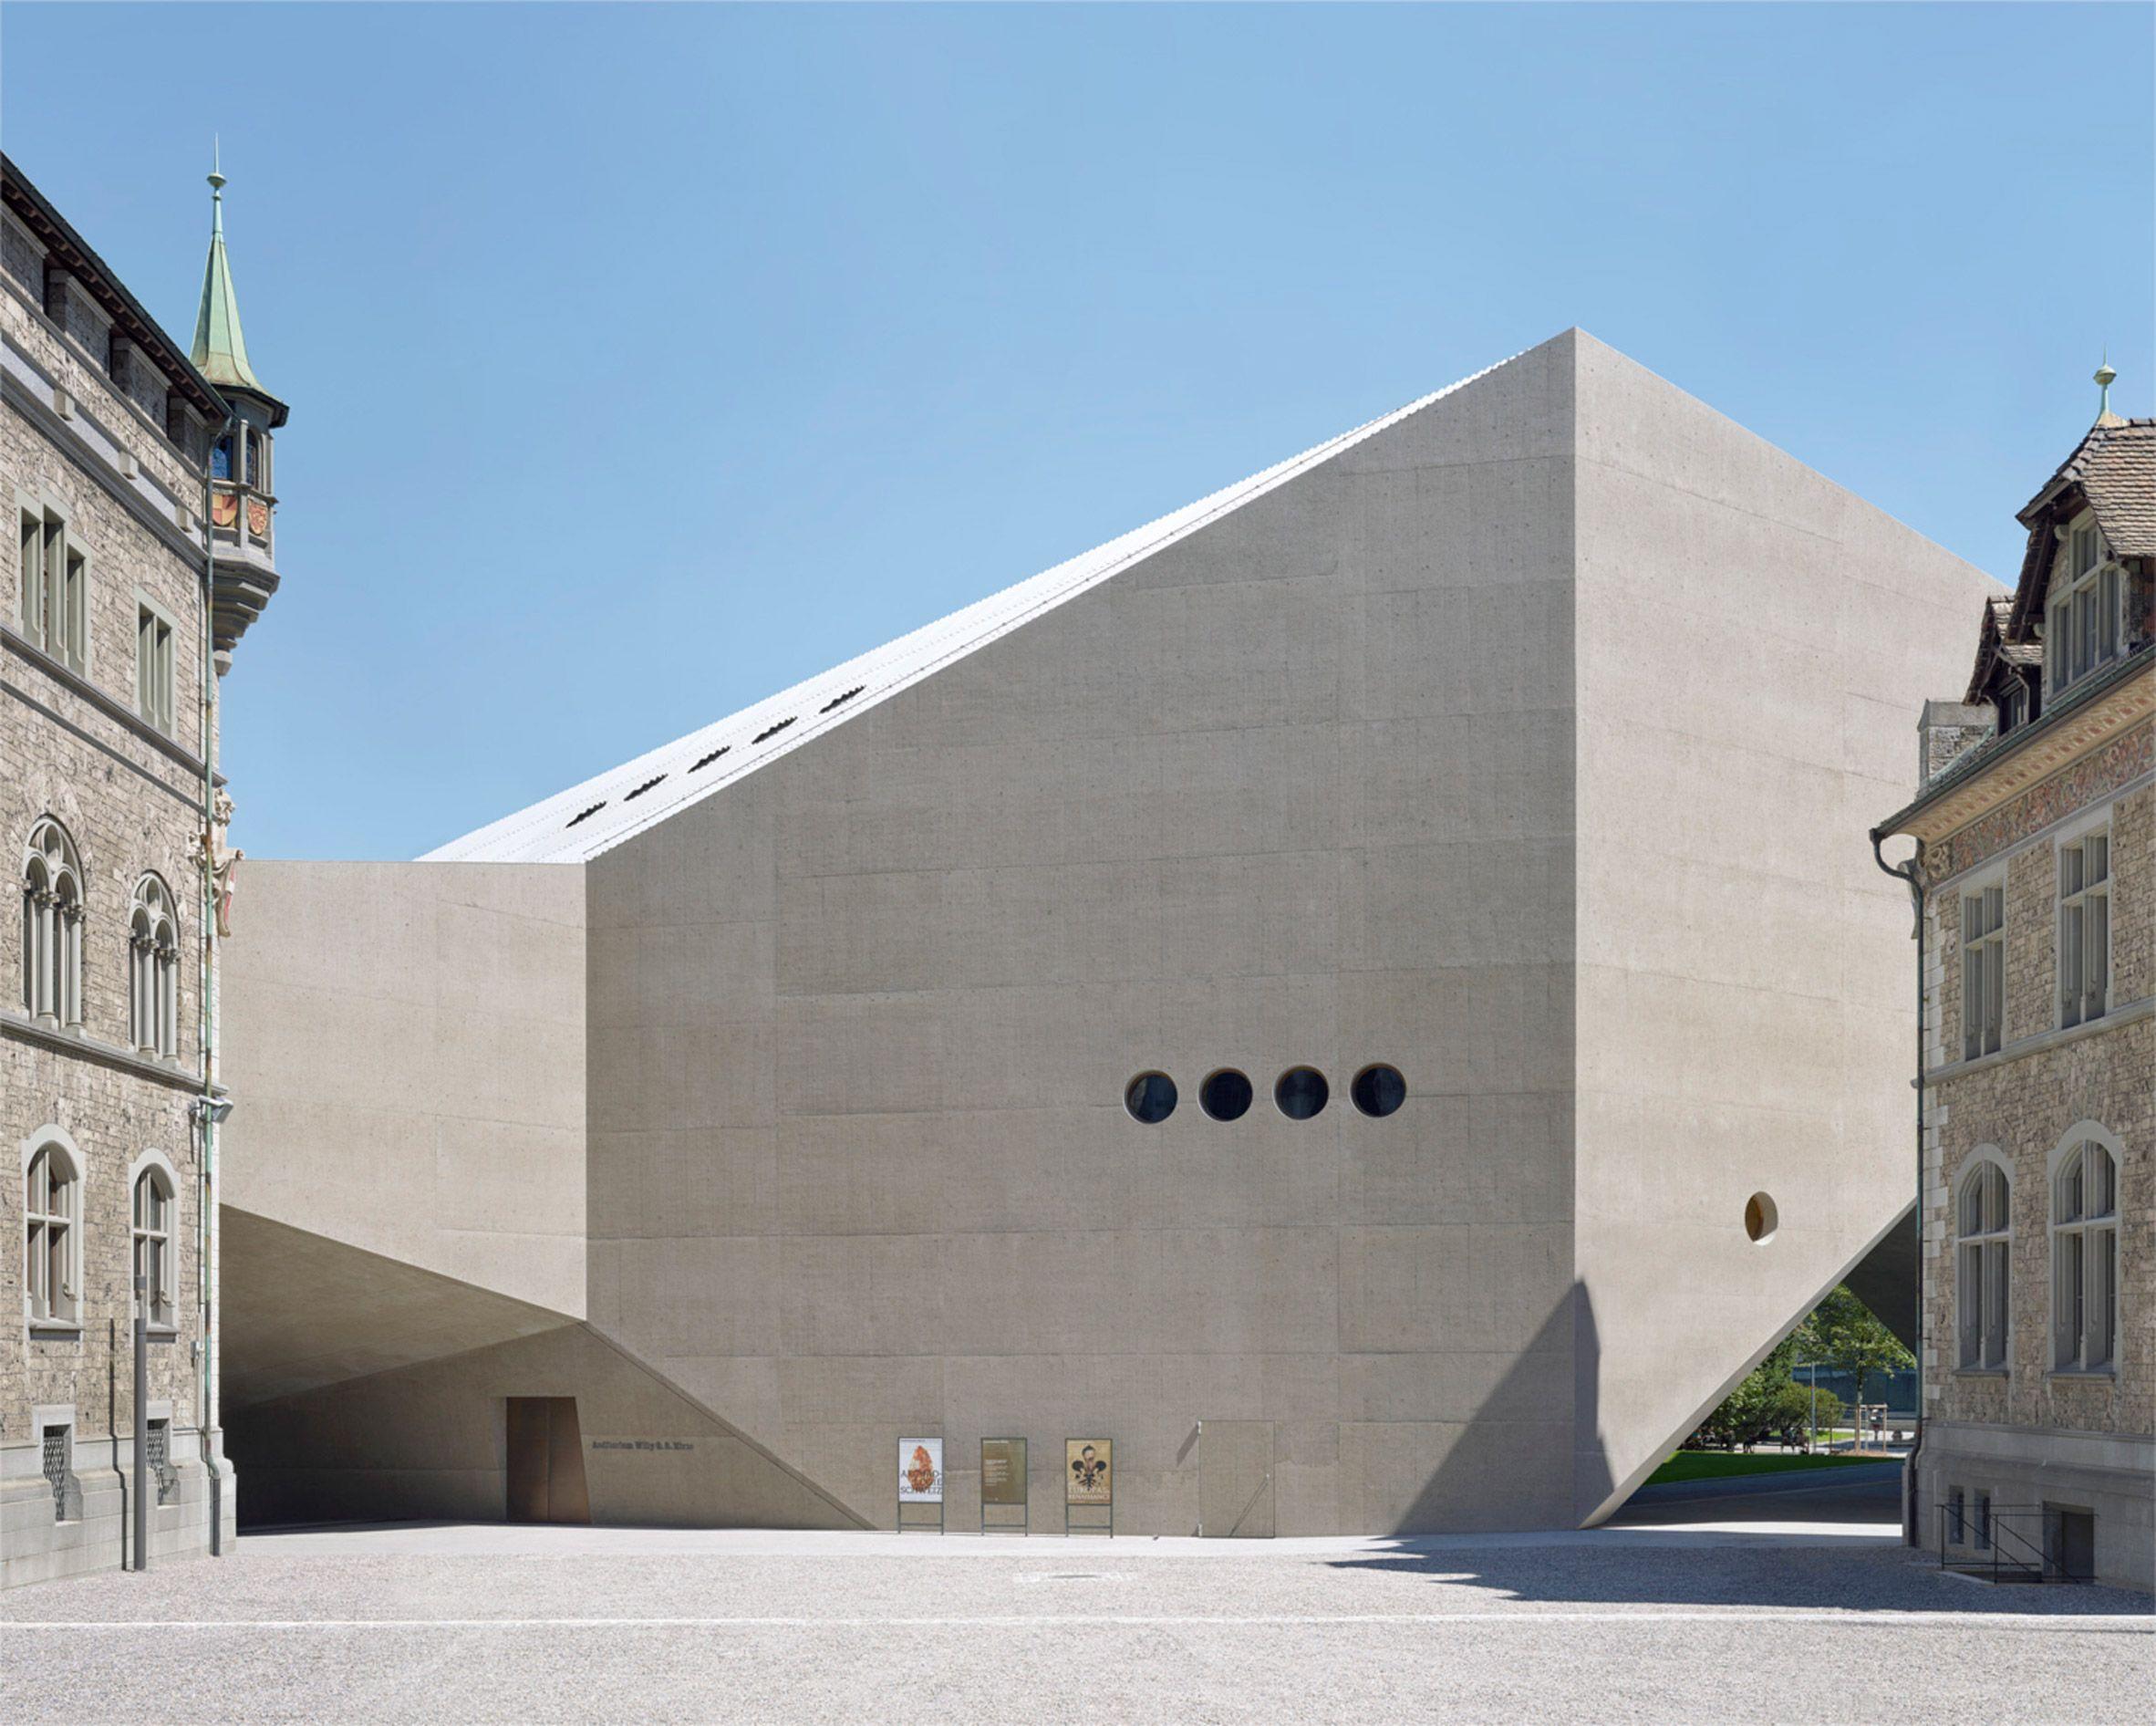 Christ & gantenbein and bureau spectacular named best architecture